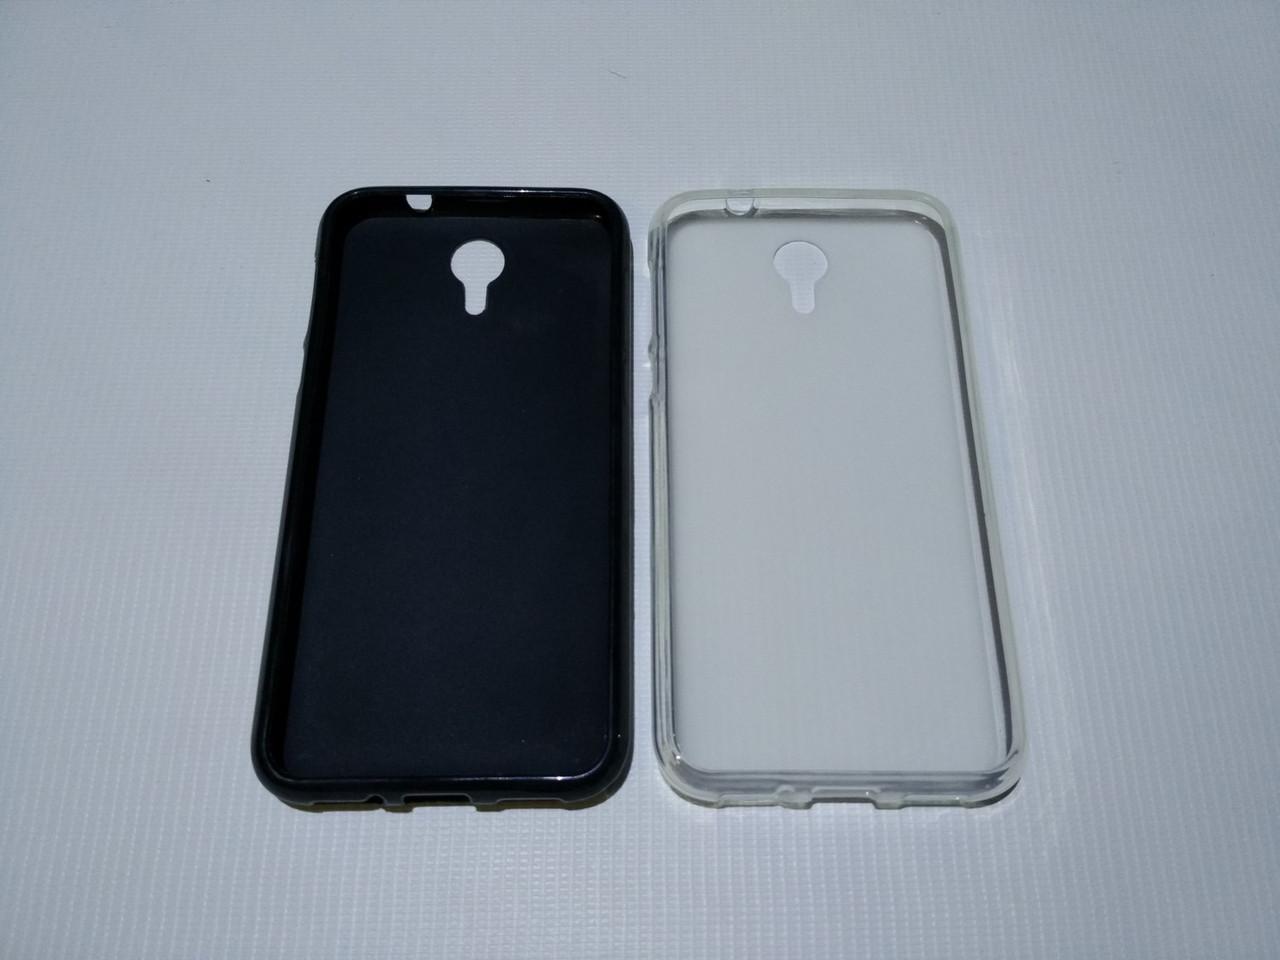 Силиконовый чехол бампер для Homtom HT3, HT3 Pro, Ergo A500 Best (черн